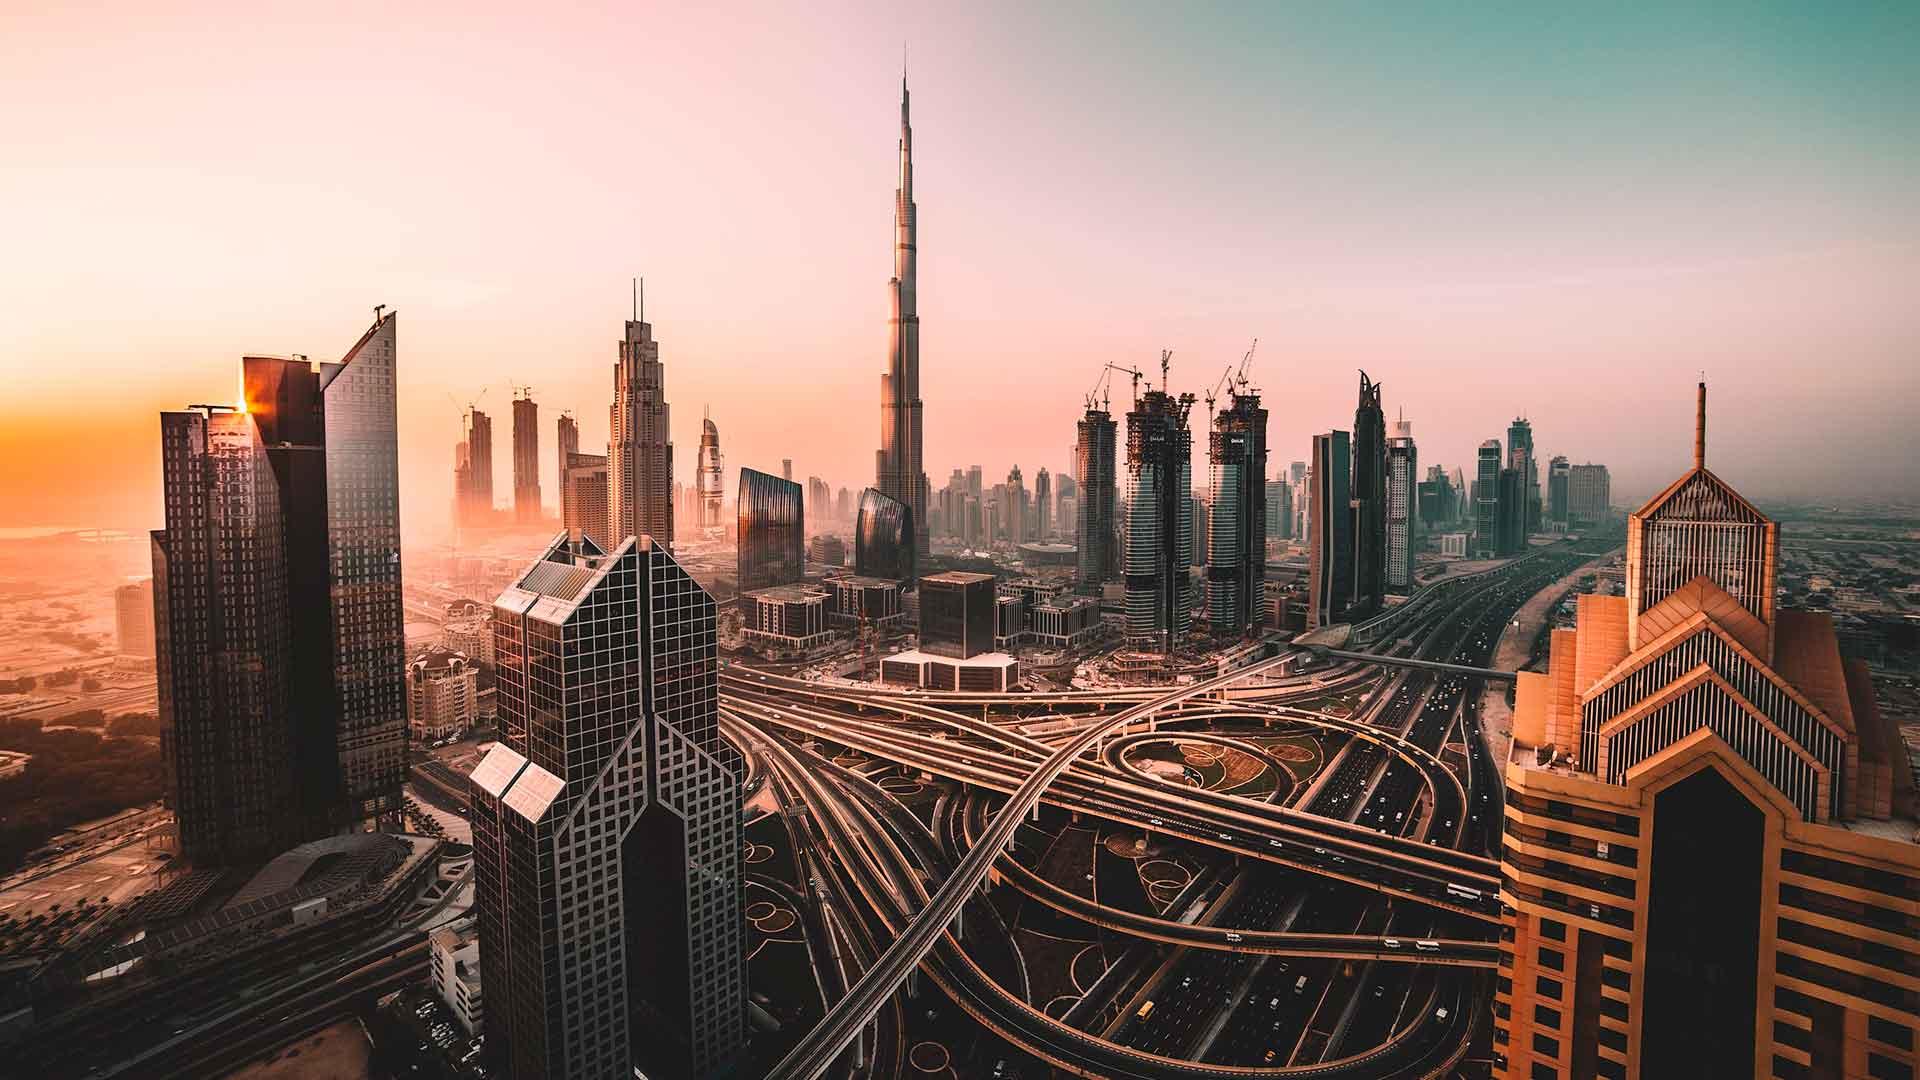 Mexicanos ya no necesitarán visa para viajar a Emiratos Árabes Unidos